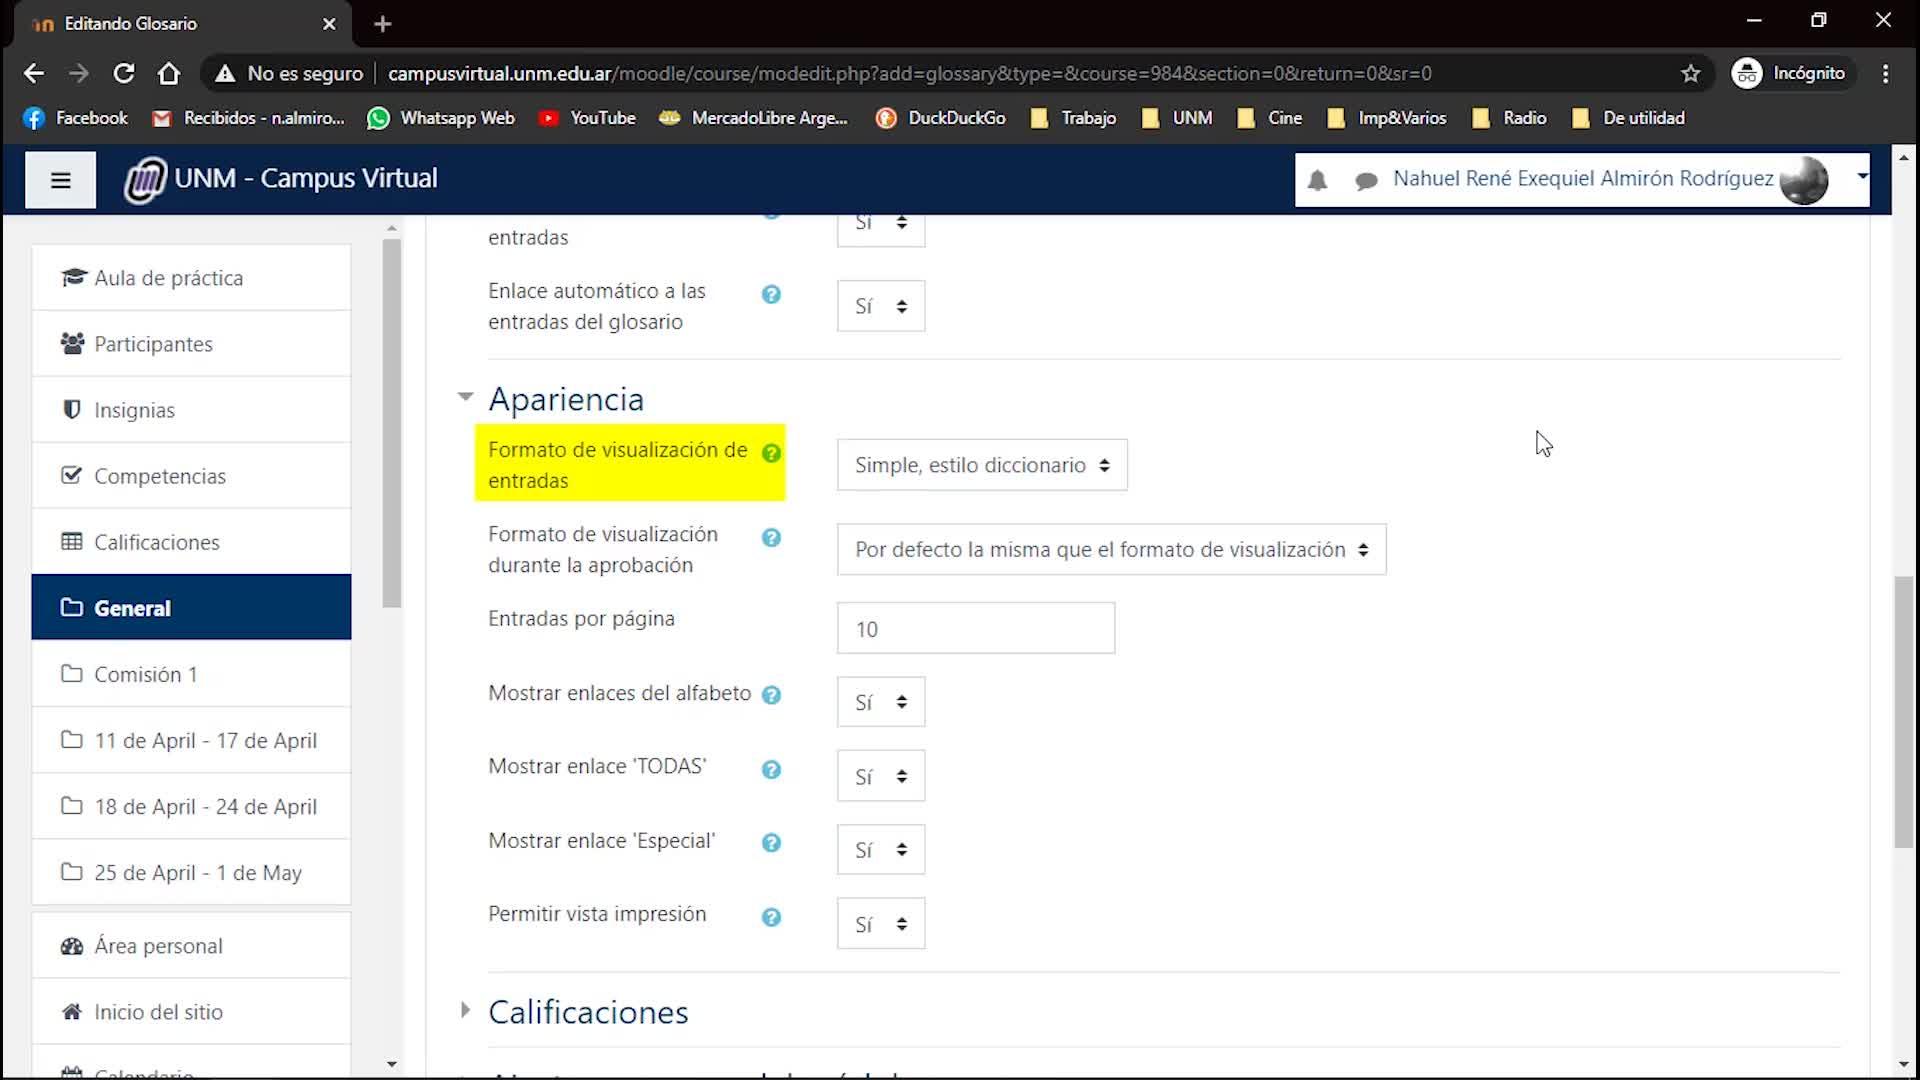 Herramienta Glosario - Tutoriales Campus Virtual UNM